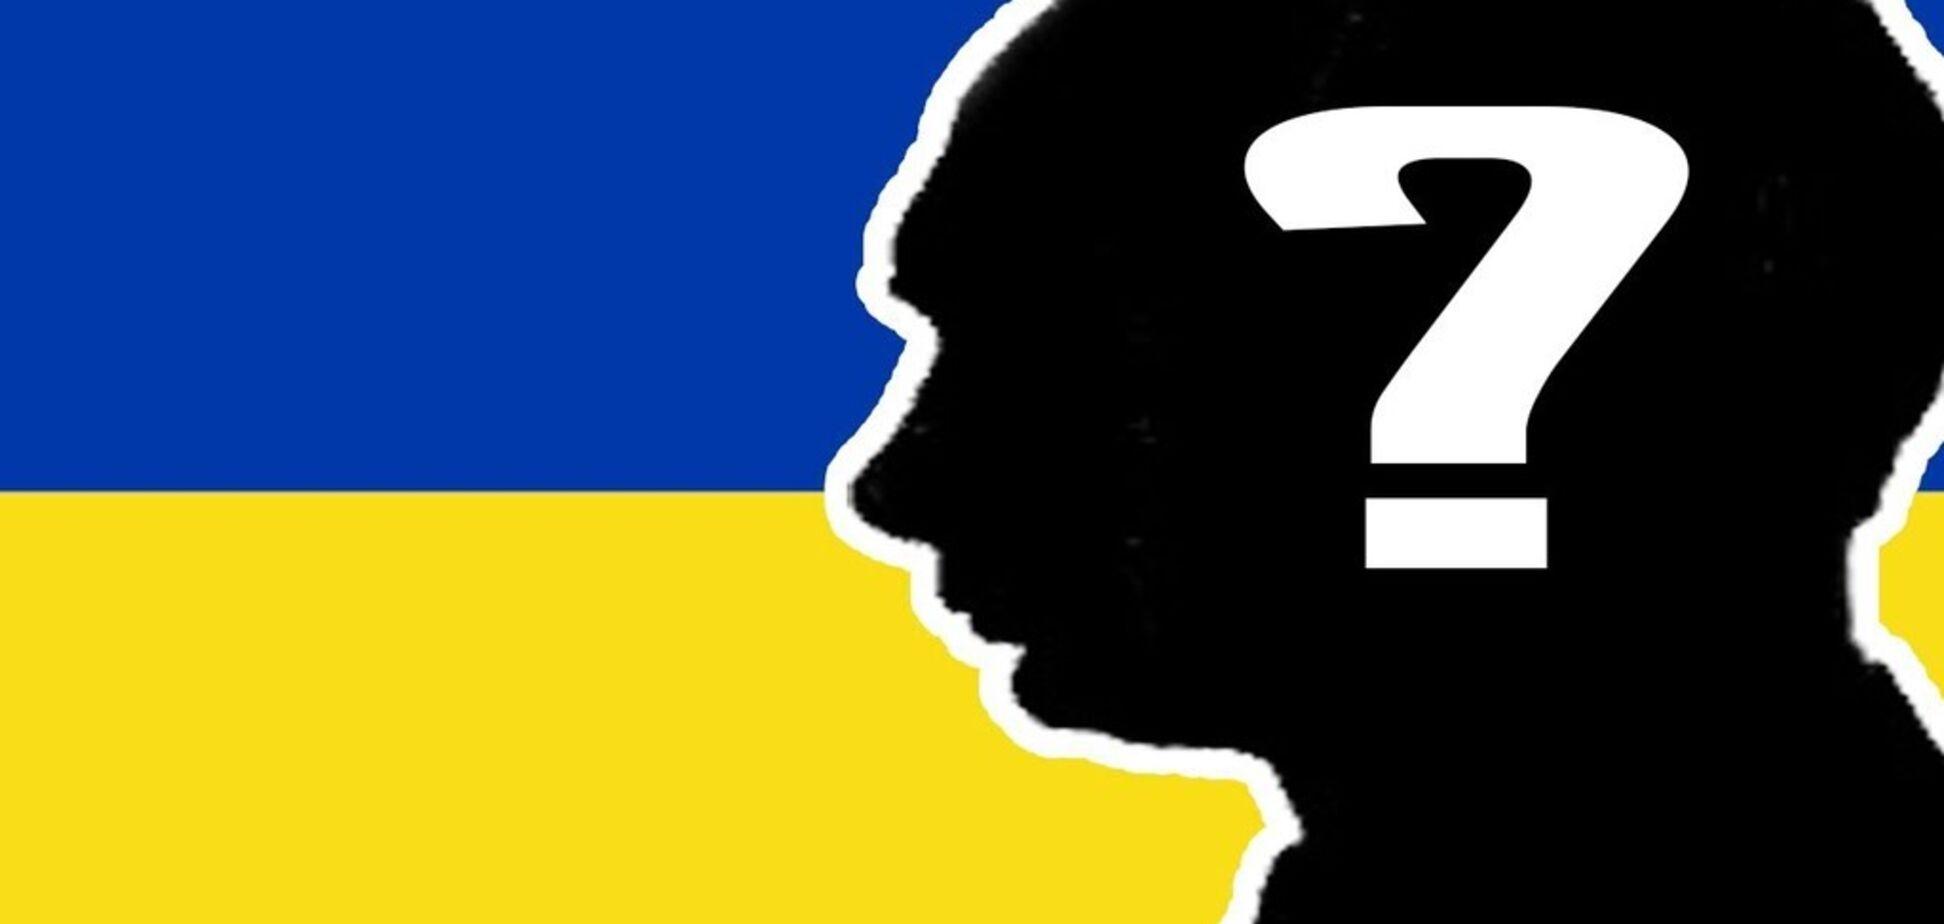 Решающая битва за Украину еще впереди